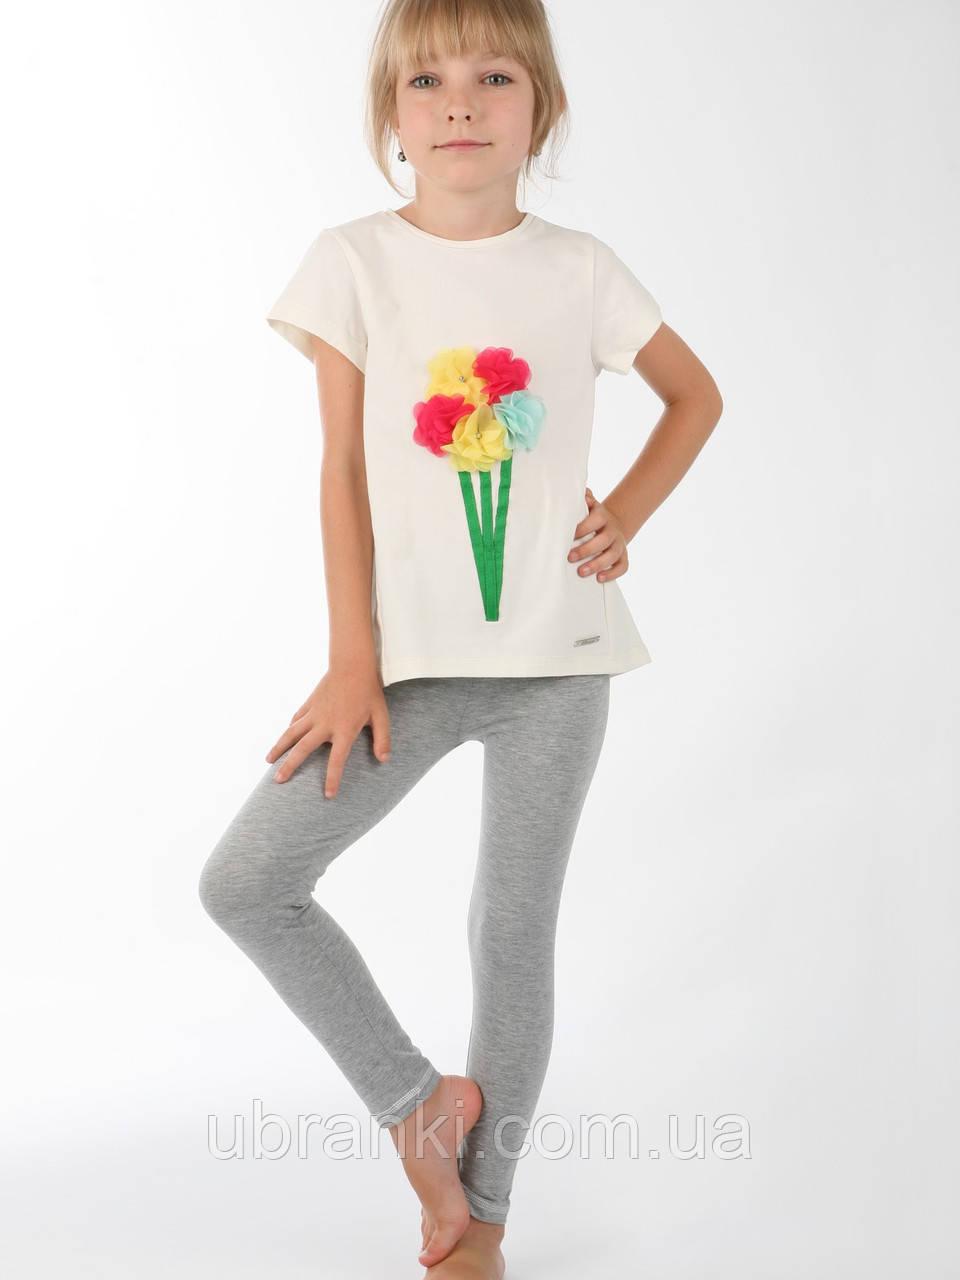 Комплект(футболка,лосины)